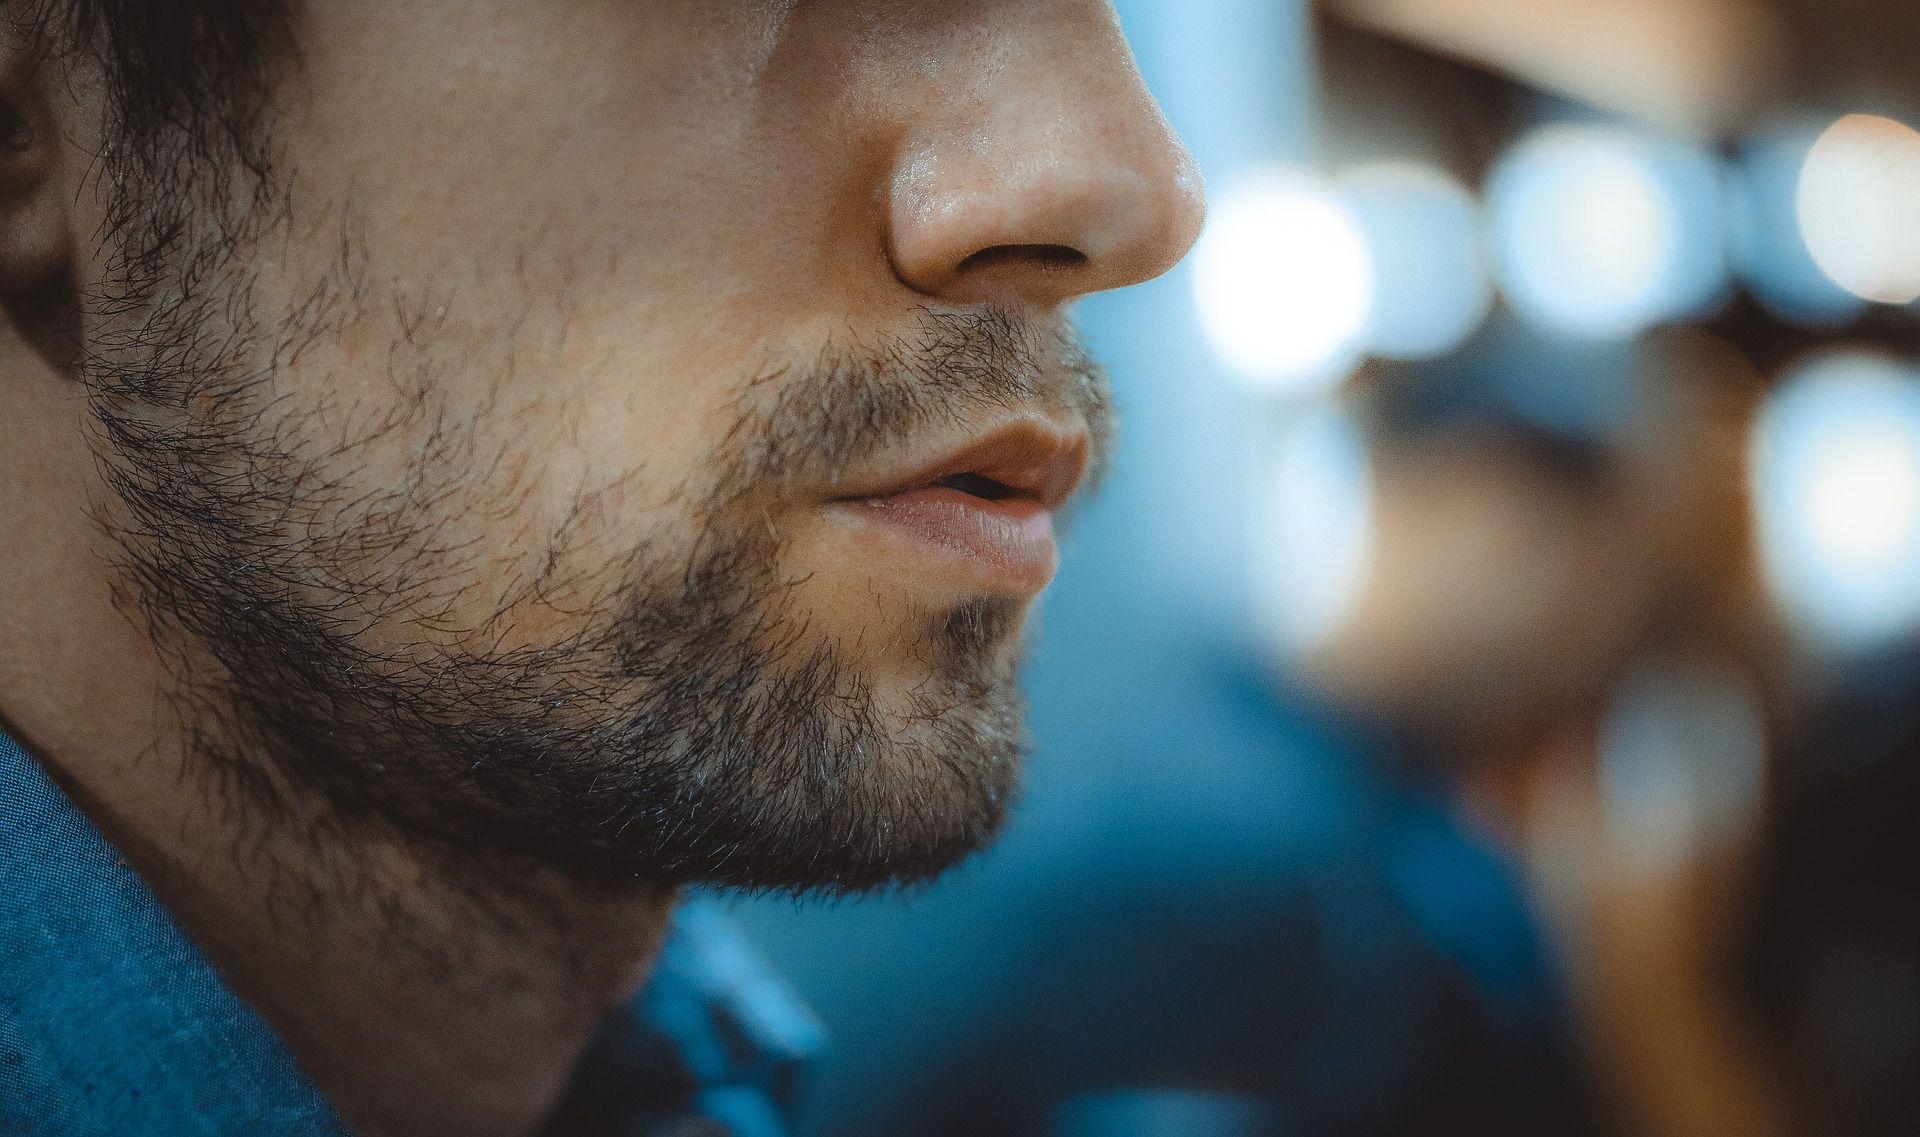 Chirurgie esthétique pour homme : et si on en parlait ?